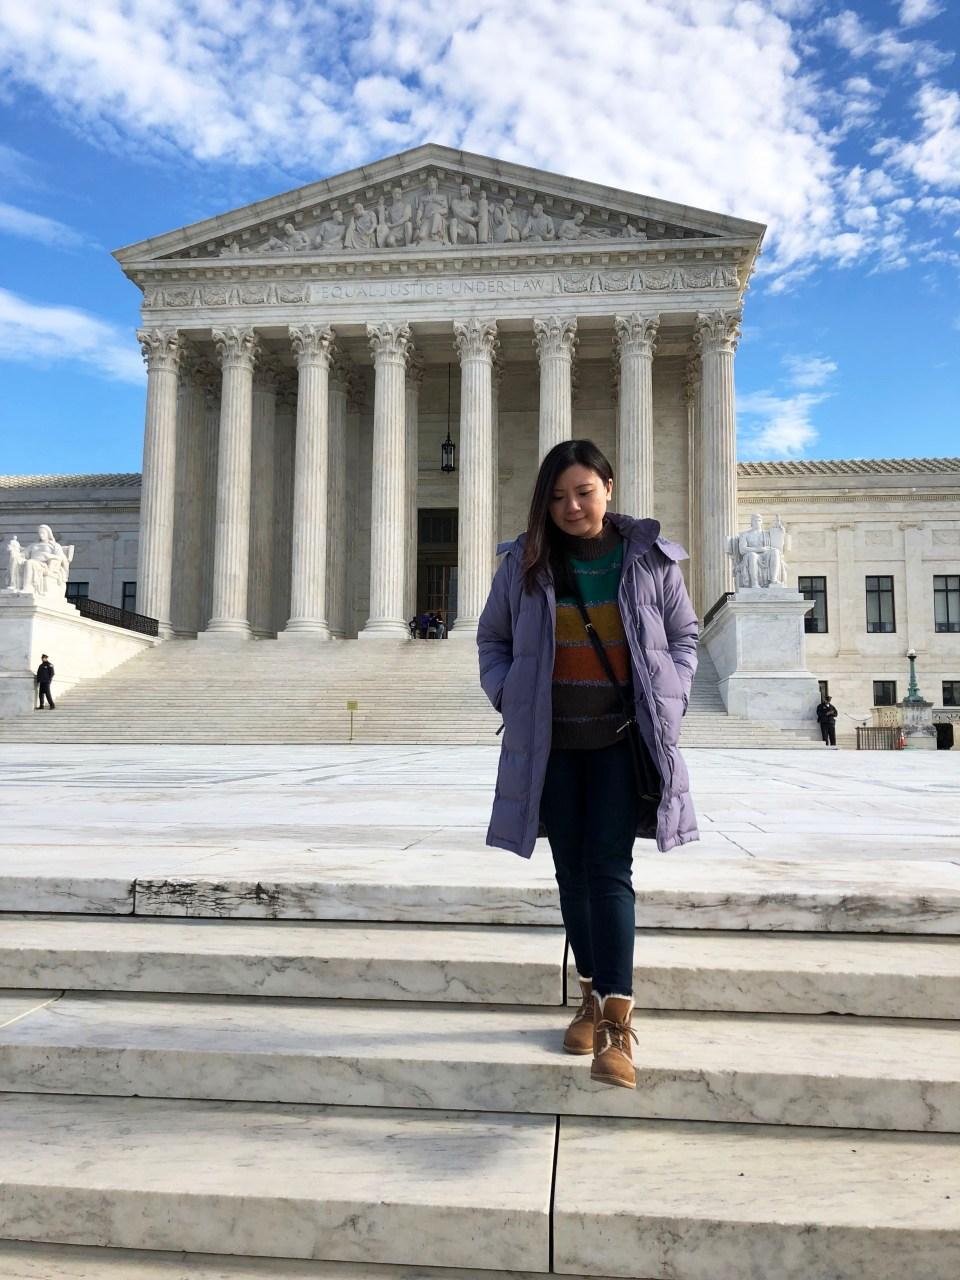 Washington DC - Supreme Court Building 3